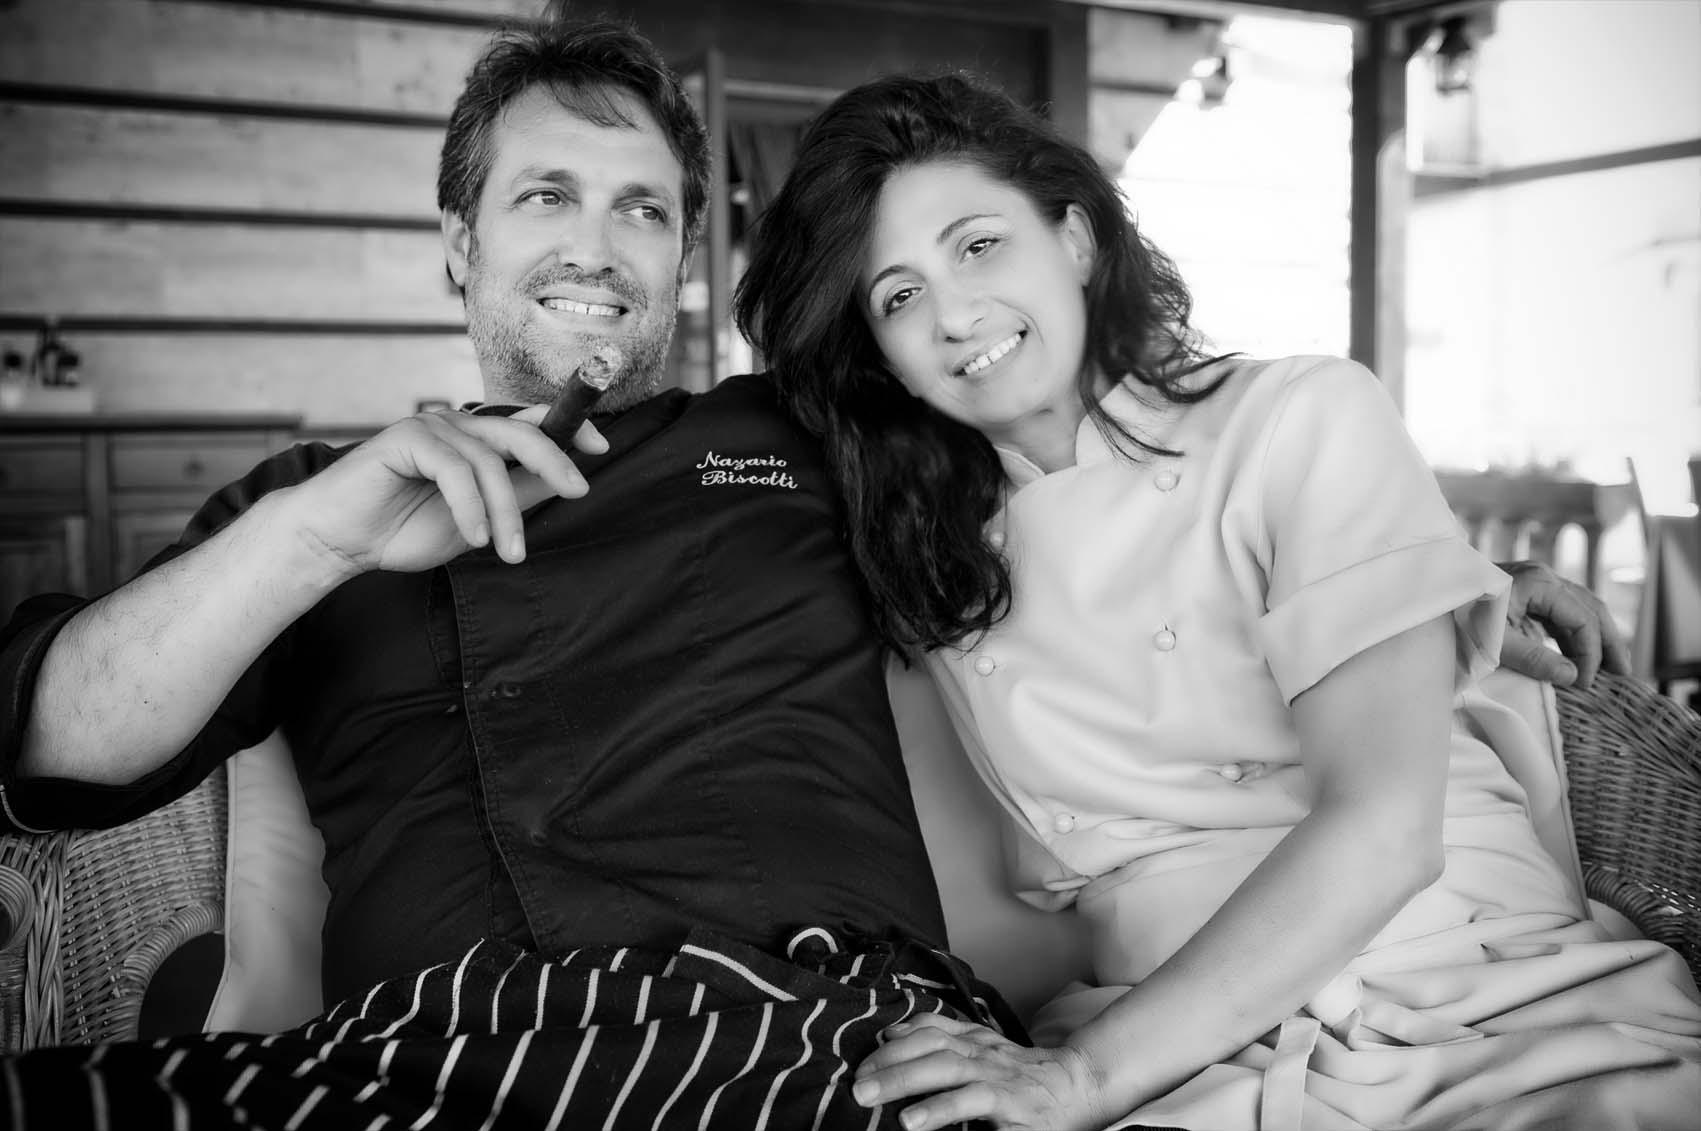 Nazario e Lucia Biscotti e - Ristorante Le antiche sere - Lesina (FG)